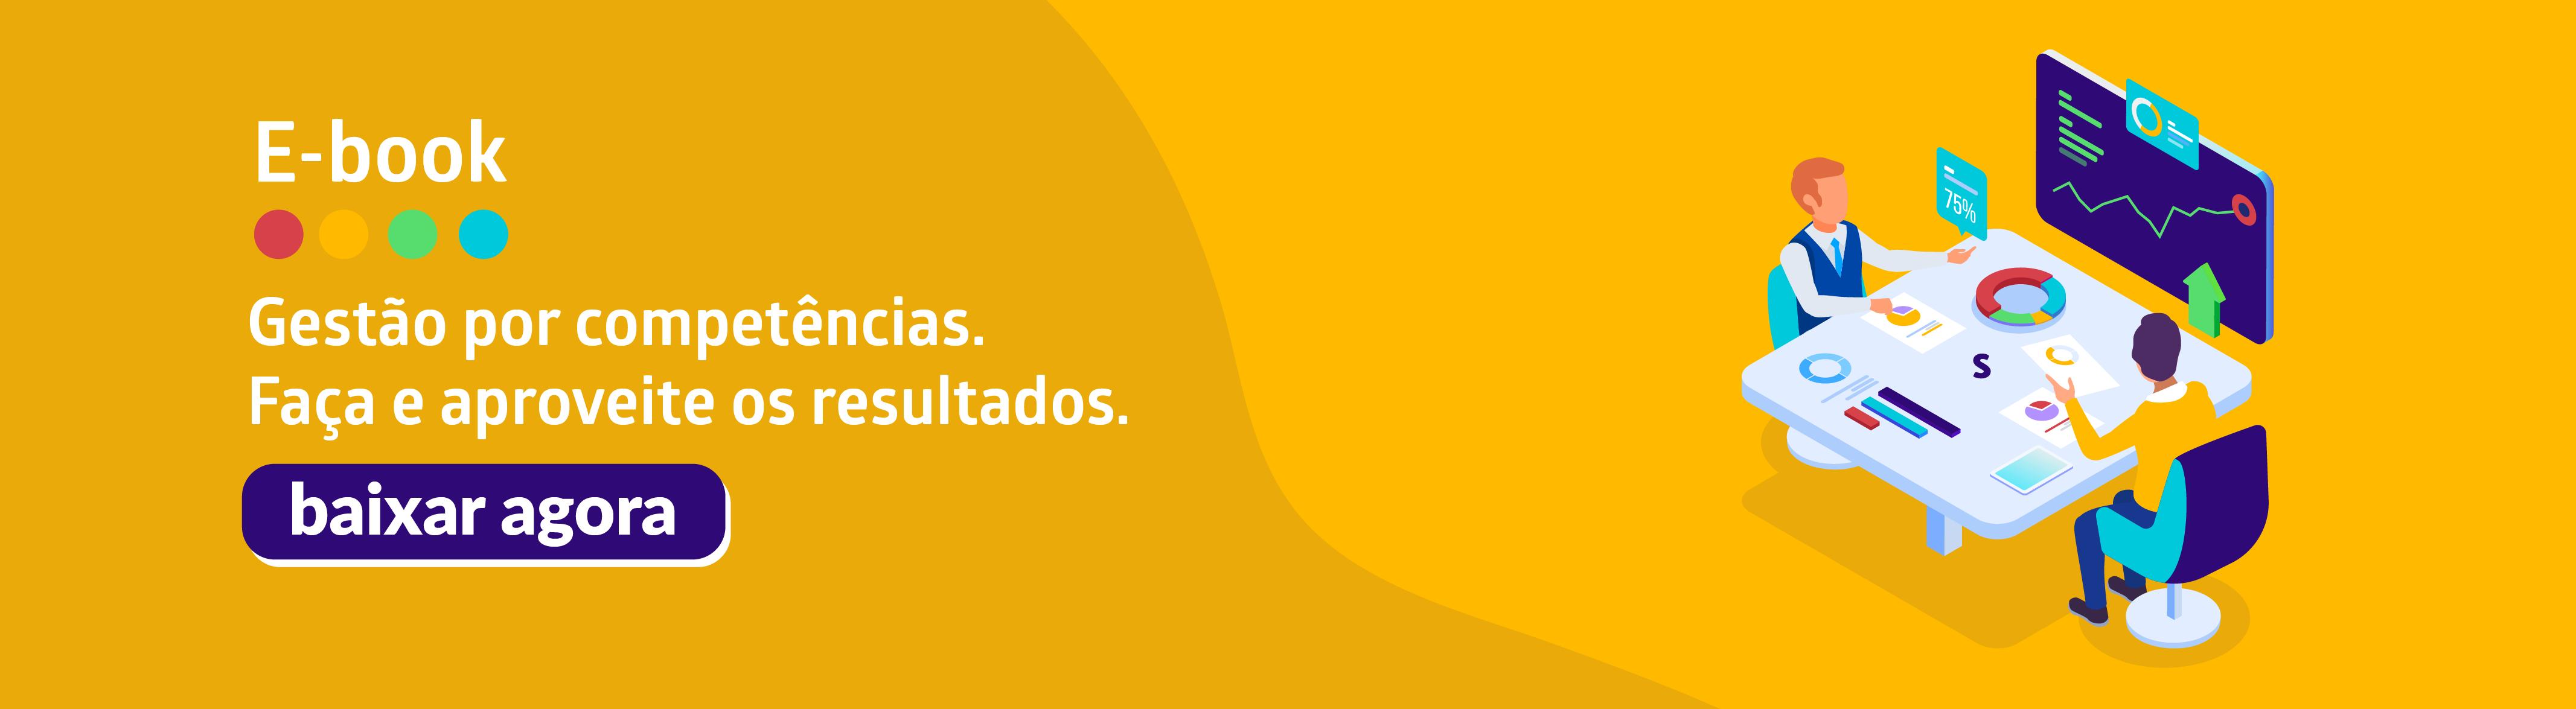 Banner_Gestao_Por_Competencias